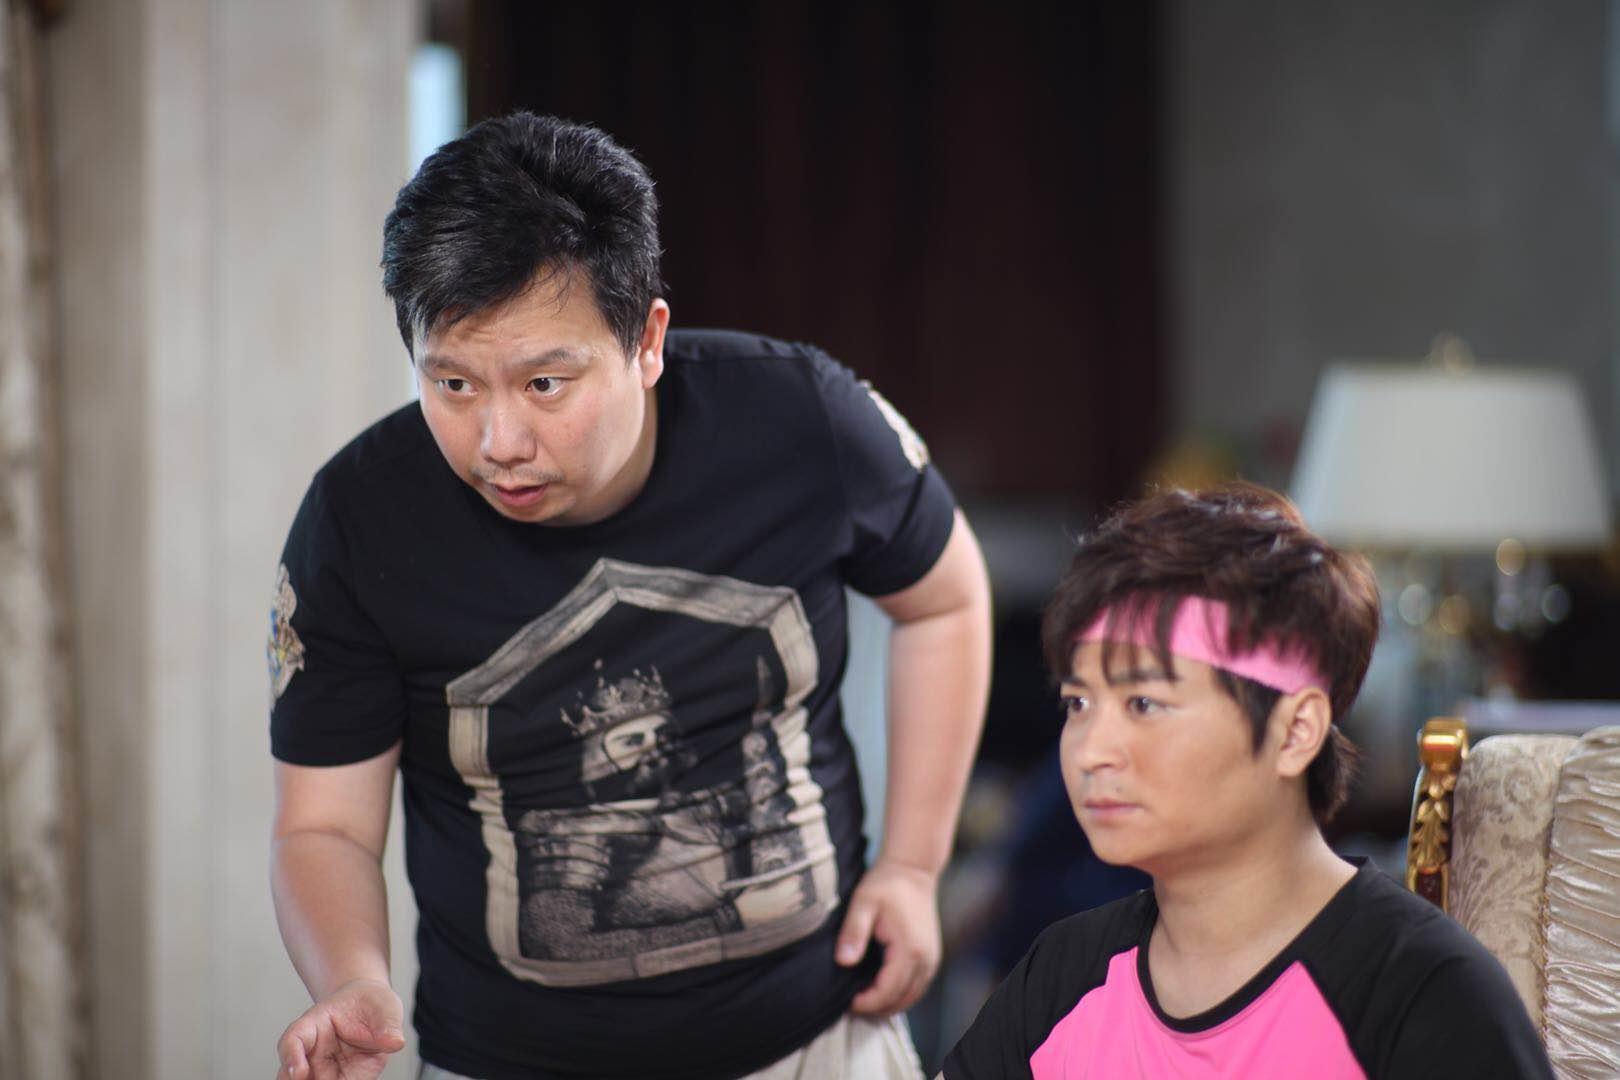 冯芷墨李奎新戏《墨墨的爱情小喜剧》盛大开机